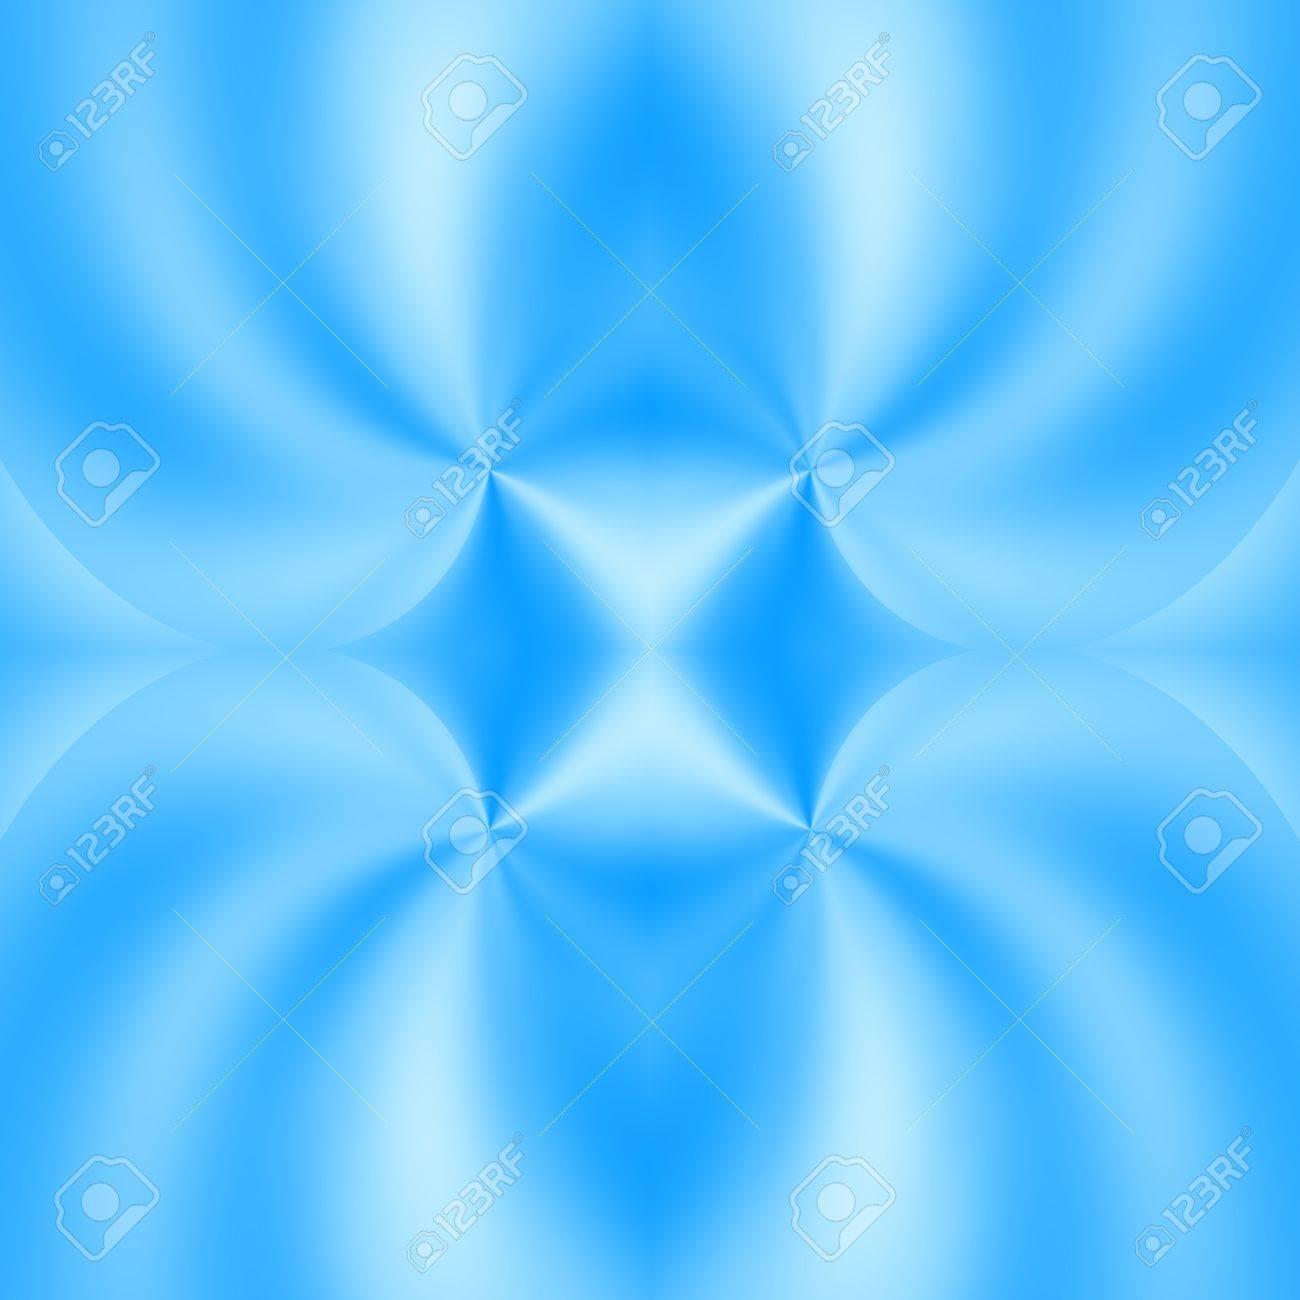 Immagini Stock Veli Bianchi Veli Di Nebbia Su Sfondo Blu In Per